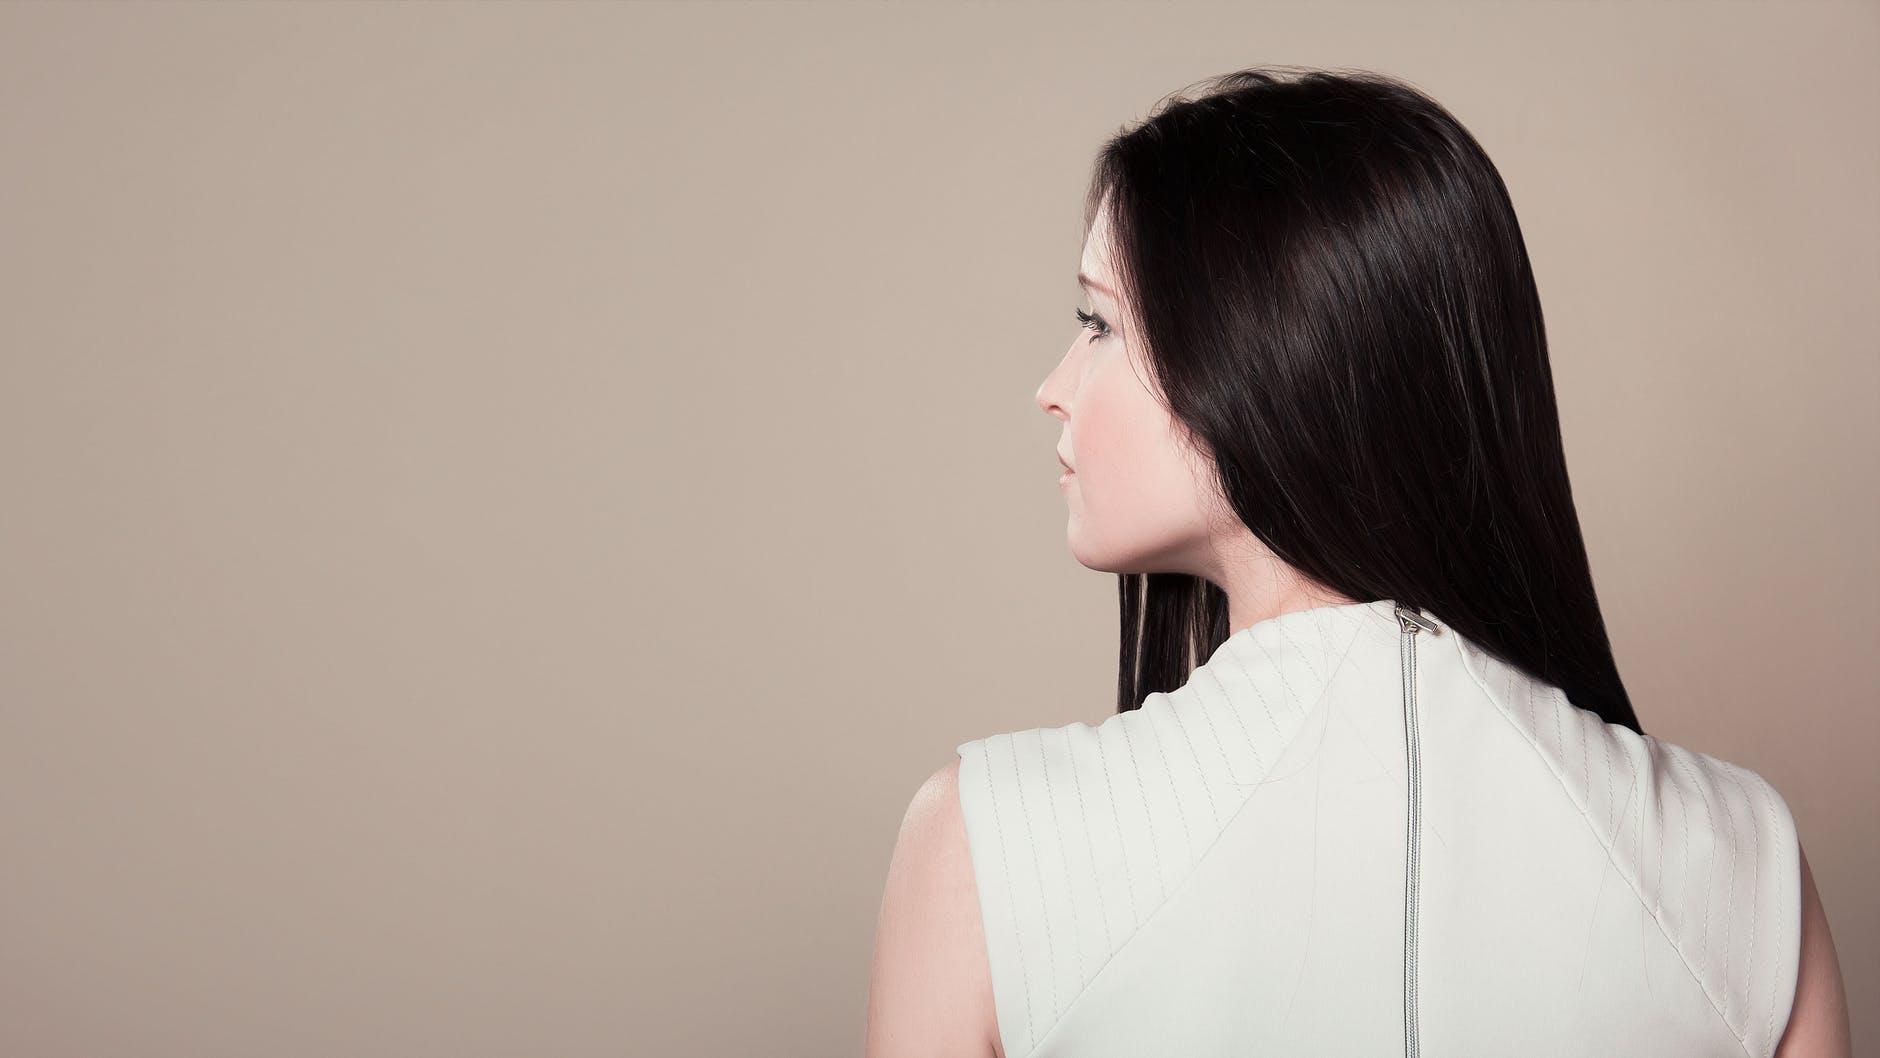 Cortes de cabello que rejuvenecen el rostro